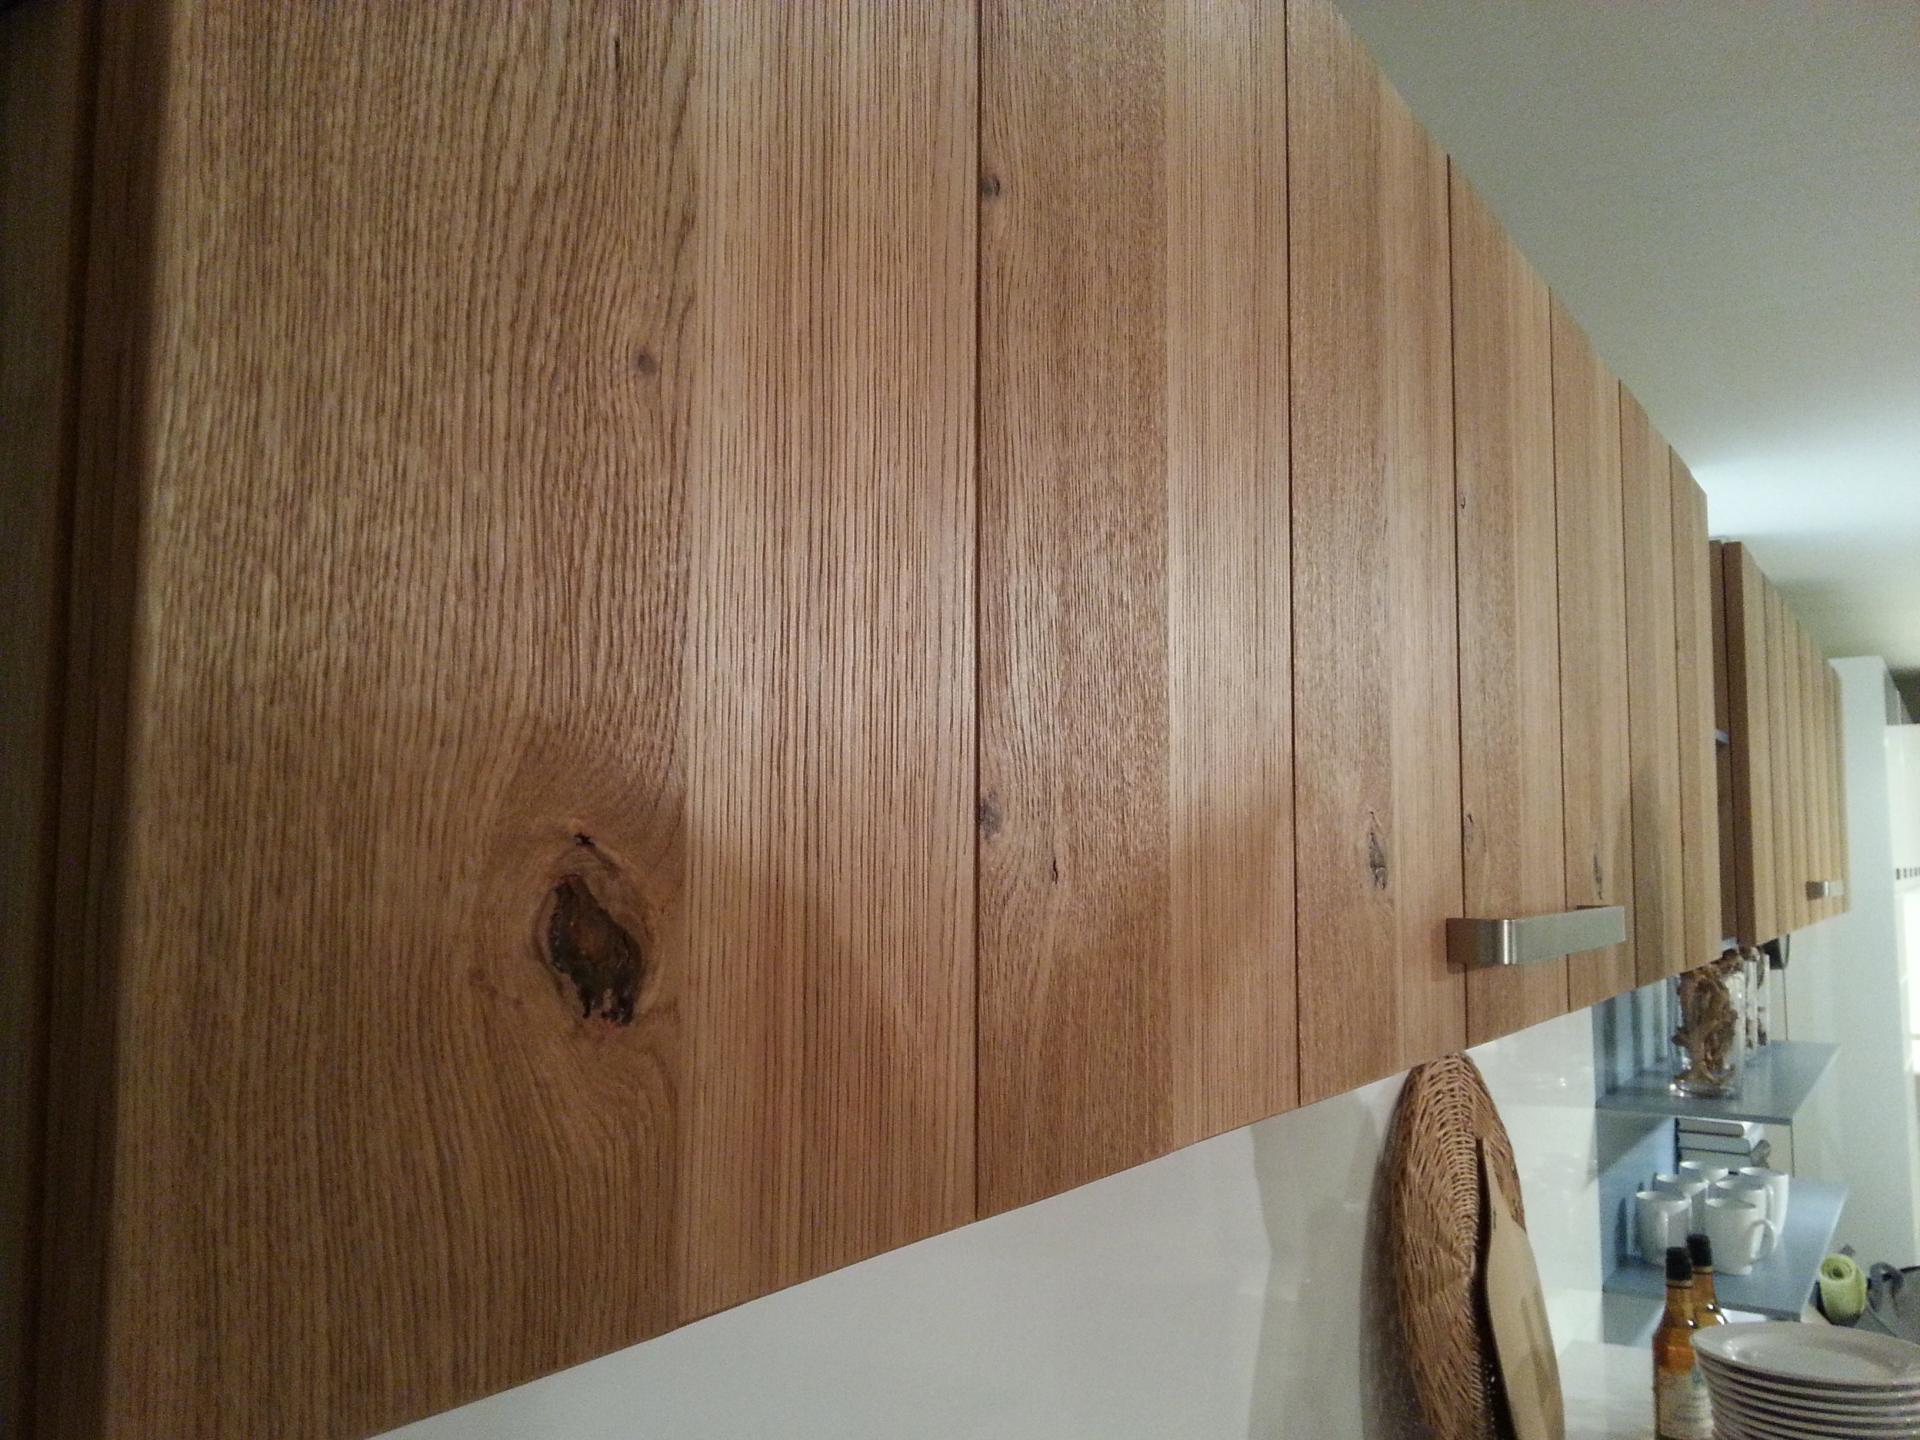 Modele De Cuisine En Bois Massif : Fa?ade de cuisine en bois massif moderne